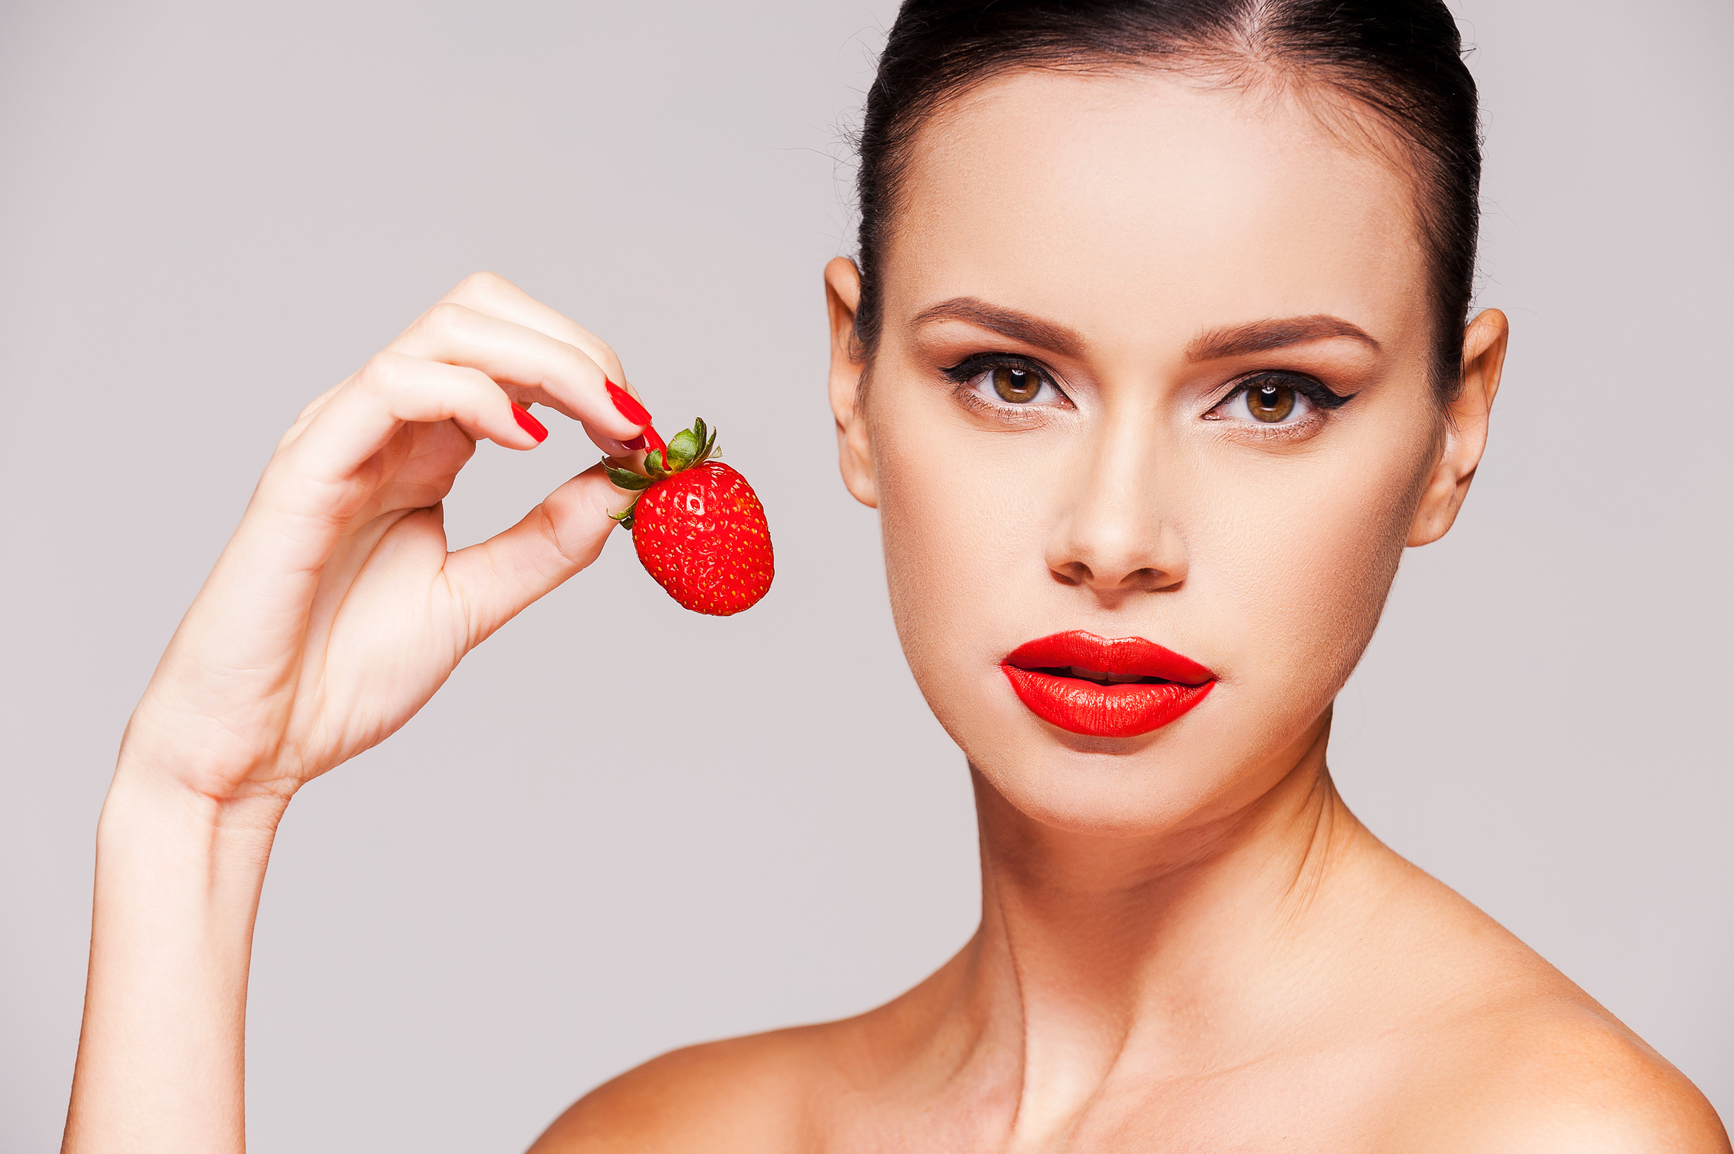 Маски из фруктов справятся с высыпаниями, морщинками, широкими порами и сухостью кожи